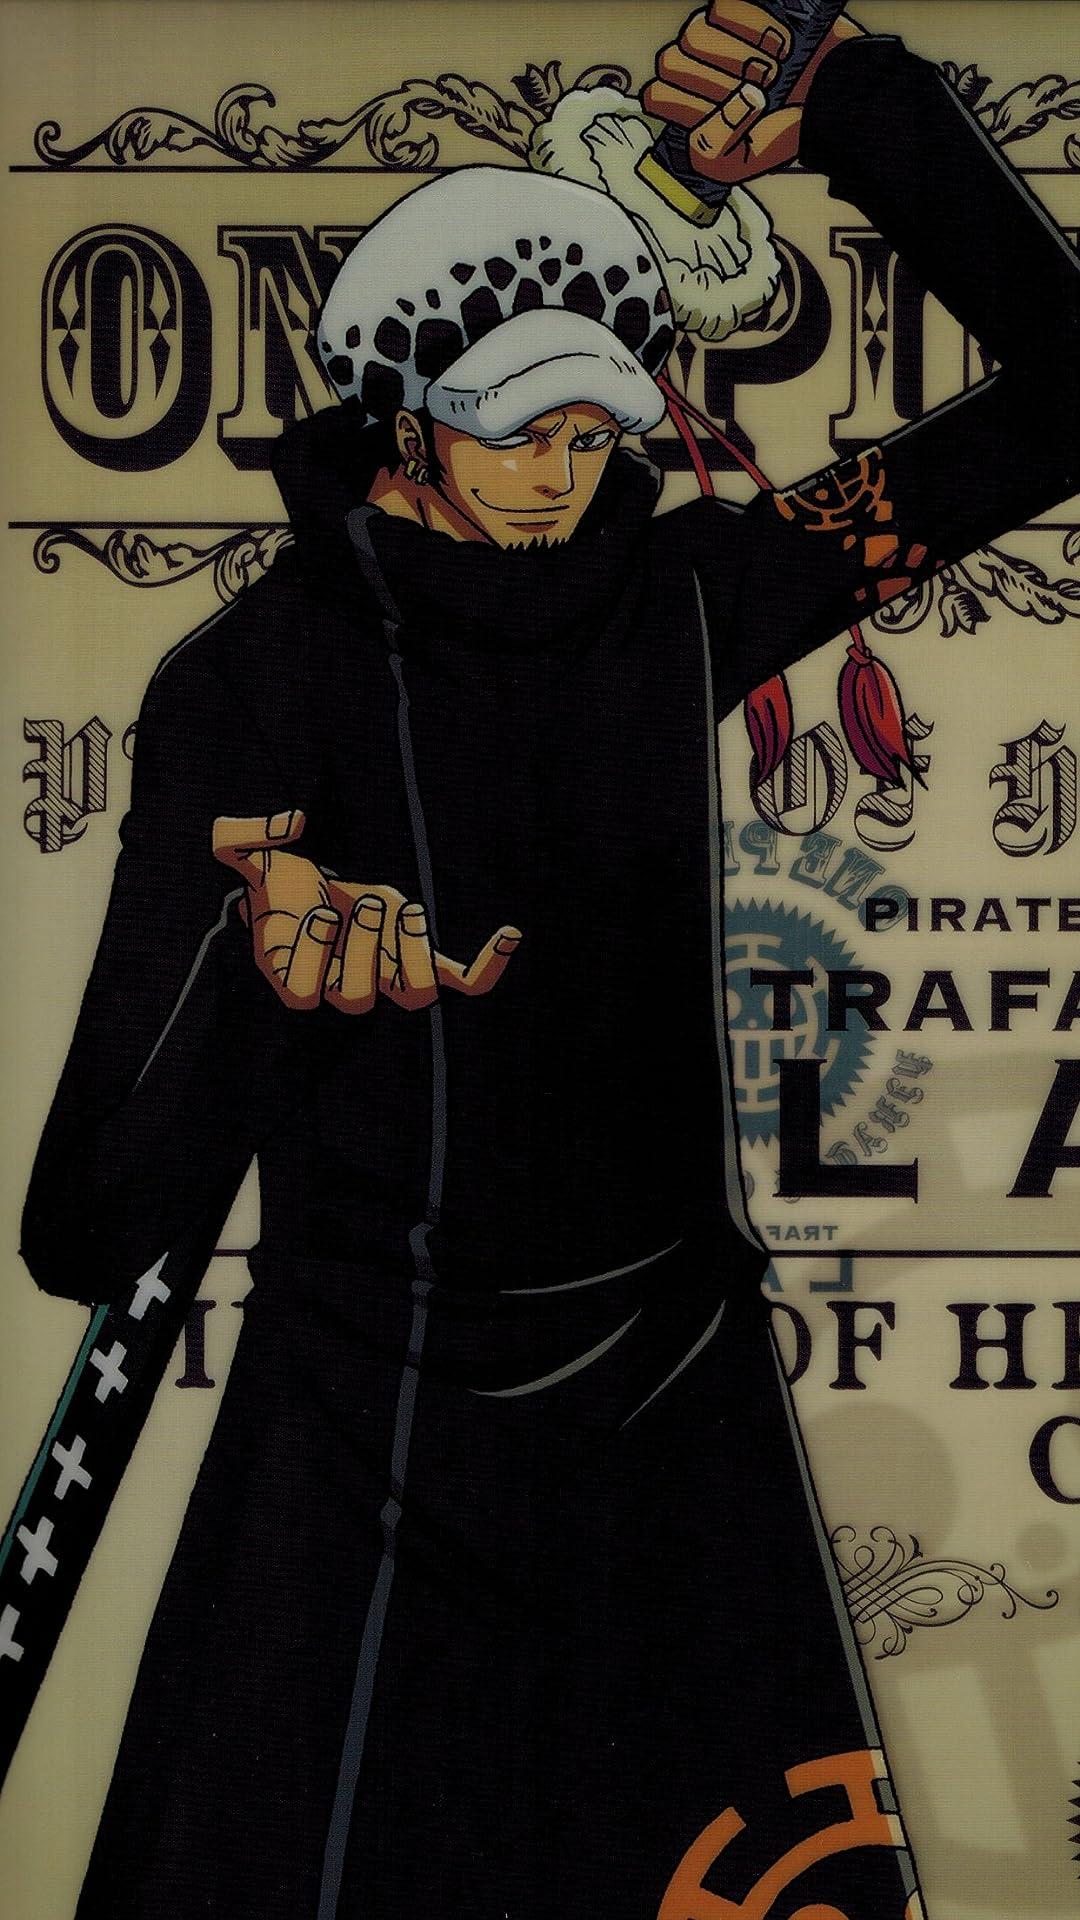 One Piece ロー フルhd 1080 1920 スマホ壁紙 待受 画像60404 スマポ